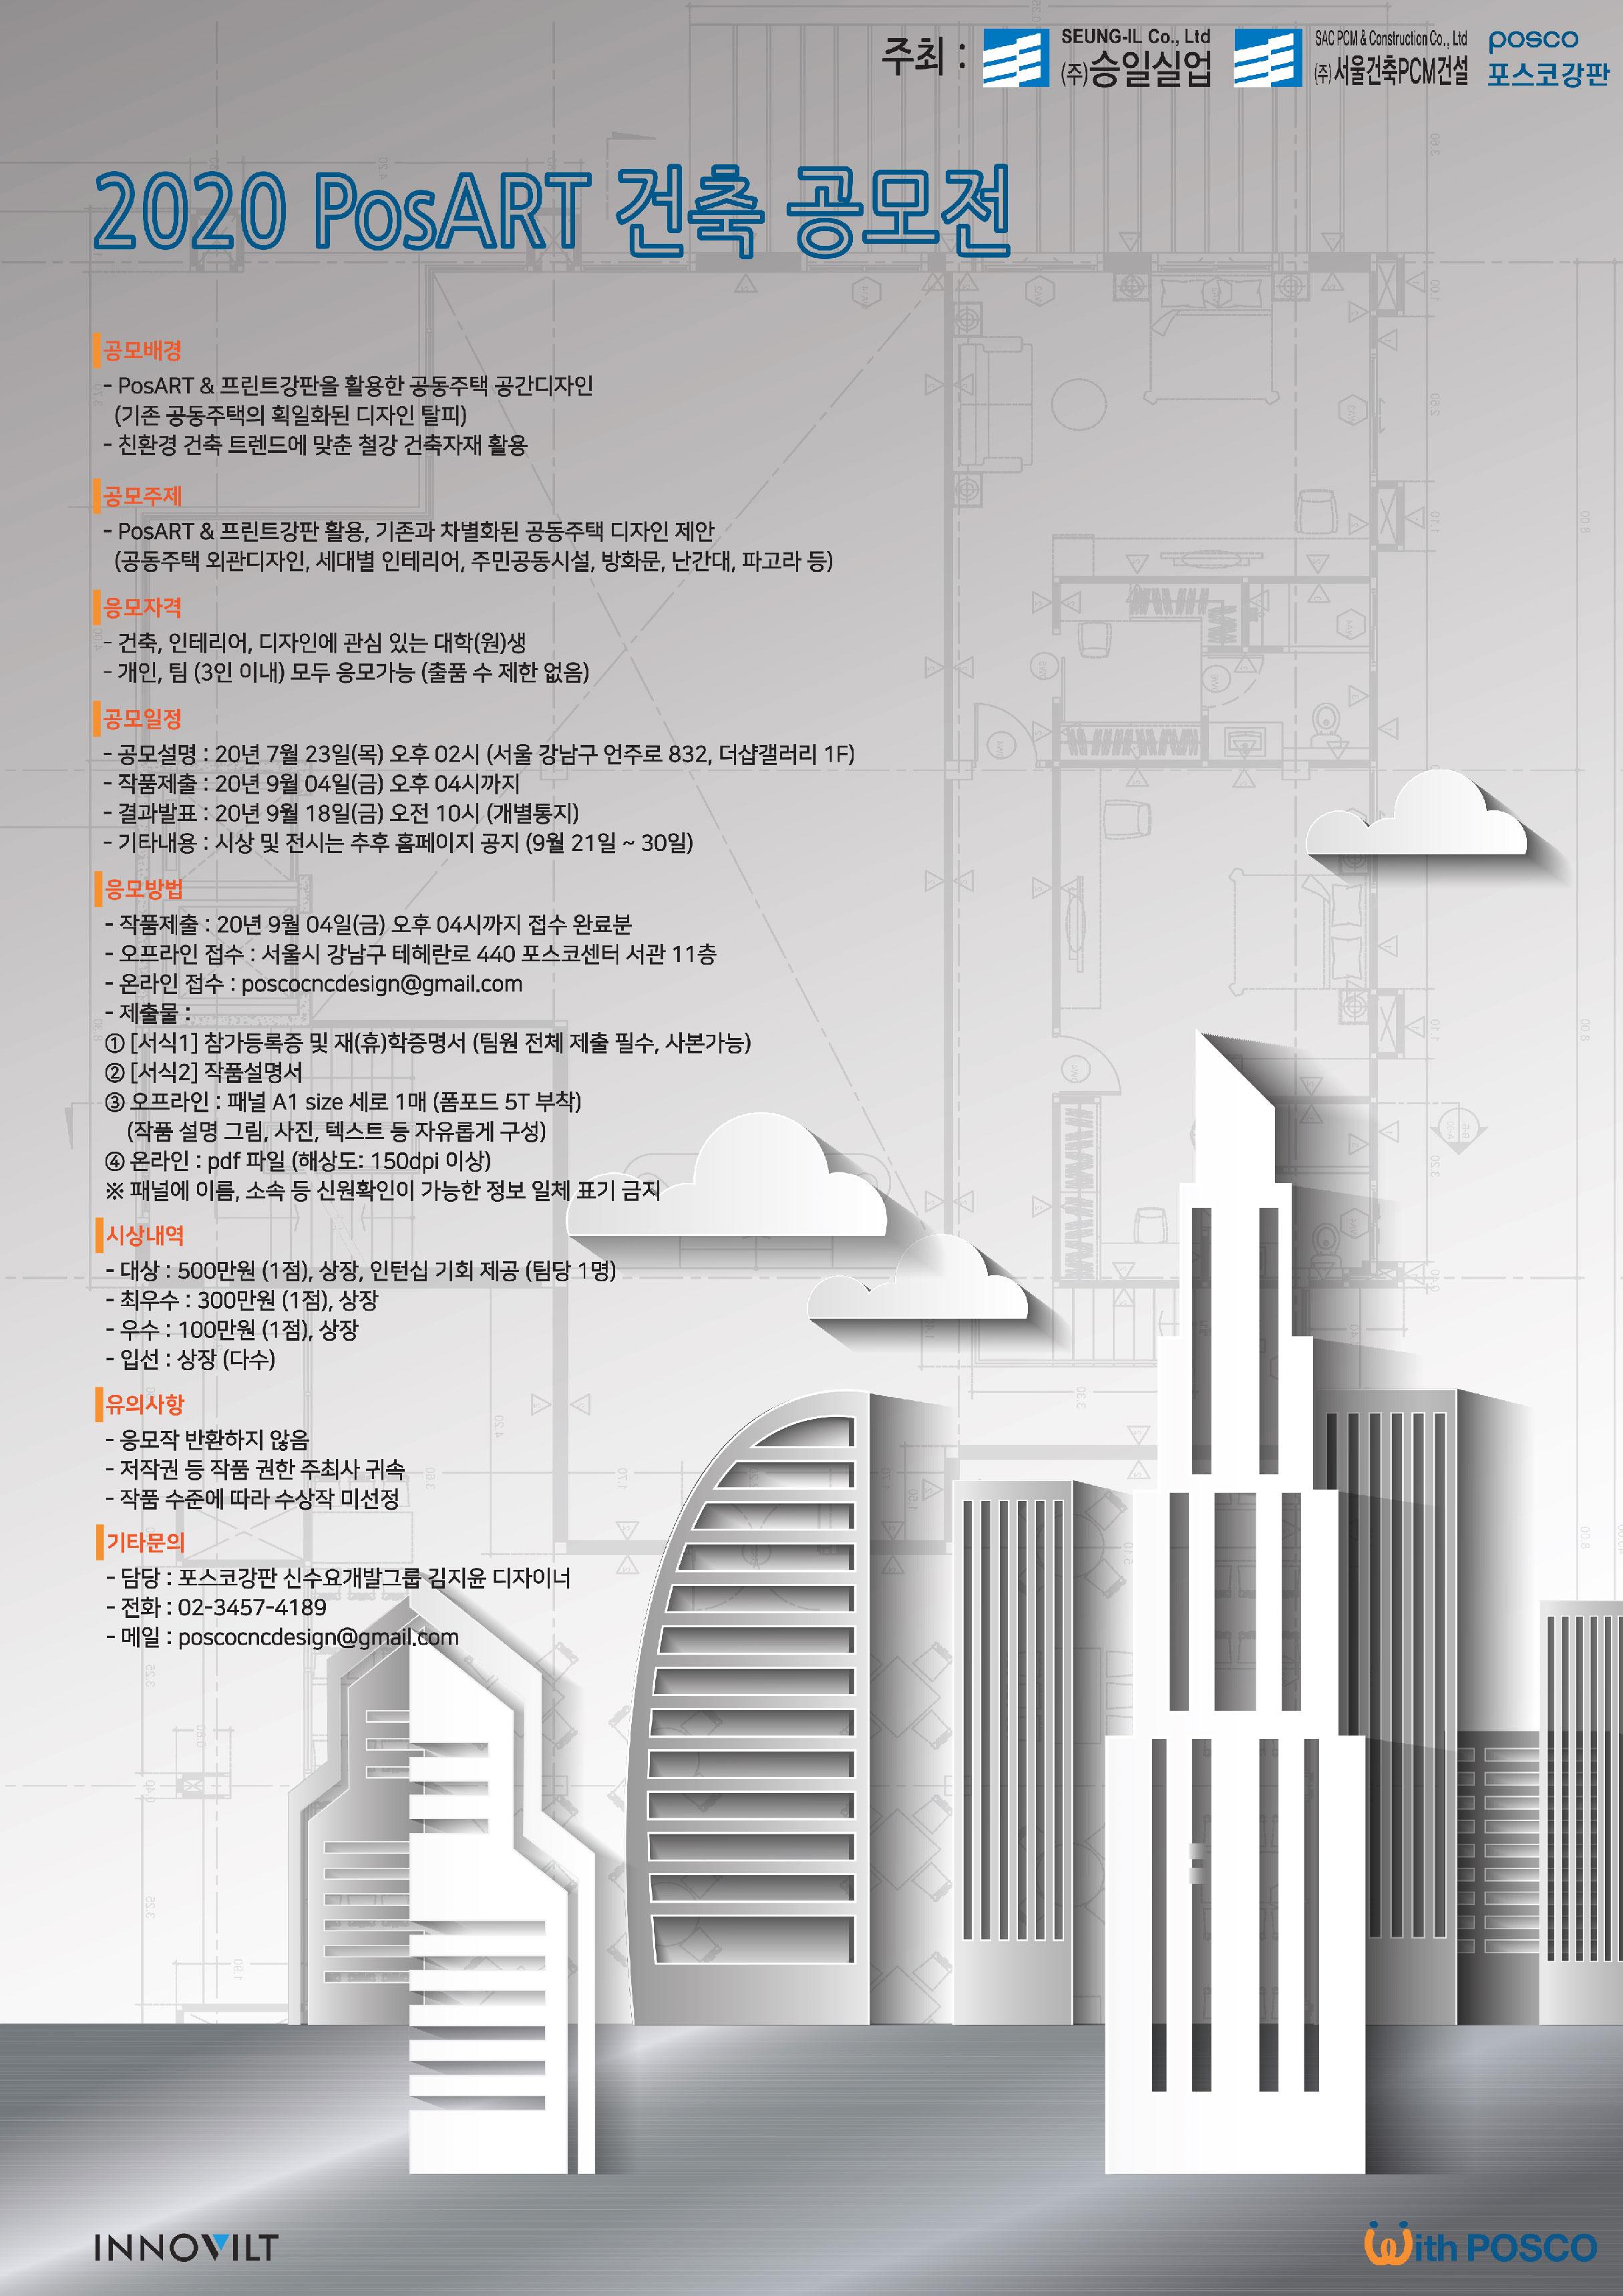 2020 포스아트 건축 공모전. 공모배경은 PosART와 프린트 강판을 활용한 공동주택 공동디자인이며 기존 공동주택의 획일화된 디자인을 탈피해야한다. 또한 친환경 건축트렌드에 맞춘 철강 건축자재 활용에서 비롯되었다. 공모주제는 PosART와 프린트 강판을 활용하여 기존과 차별화된 공동주택 디자인을 제안하는 것이다. 공동주택 외관디자인, 세대별 인테리어, 주민공동시설, 방화문, 난간대, 파고라 등이 있다. 응모자격은 건축, 인테리어, 디자인에 관심있는 대학생,대학원생으로 개인, 3인 이내 팀으로 모두 응모가능하다. 또한 출품수는 제한 없다. 공모일정은 다음과 같다. 공모설명은 20년 7월 23일 목요일 오후 2시 서울 강남구 언주로 832 더샵갤러리 1층에서 진행된다. 작품제출은 20년 9월 4일 금요일 오후 4시까지이며, 결과발표는 20년 9월 18일 금요일 오전 10시에 개별통지한다. 시상 및 전시는 추후 홈페이지에 공개할 예정이다. 9월 21에서 30일로 예정되어 있다. 응모방법은 다음과 같다. 작품제출은 20년 9월 4일 금요일 오후 4시까지 접수 완료분이며 오프라인 접수는 서울 강남구 테헤란로 440 포스코센터 서관 11층에 접수하면 된다. 온라인 접수는 poscocncdesign@gmail.com으로 접수하면 된다. 제출물은 서식 1 참가 등록증 및 재학,휴학 증명서이며 팀원 전체 제출 필수, 사본도 제출 가능이다. 서식 두번째는 작품설명서이다. 오프라인으로 제출할 경우 패널 A1사이즈 세로 1매 폼보드 5T부착이다. 작품설명그림, 사진, 텍스트등 자유롭게 구성이 가능하다. 온라인으로 제출할 경우 PDF파일로 제출하는 것이며 해상도는 150dpi 이상이여야한다. 패널에 이름, 소속 등 신원확인이 가능한 정보는 일체 표기금지이다. 대상은 500만원 1점이며 상장, 팀당 1명에게 인턴십기회를 제공한다.최우수는 1점 300만원으로 상장이 지급된다. 우수는 1점 100만원으로 상장이 지급된다. 입선은 상장이 지급되며 다수에게 지급한다.유의사항은 응모작은 반환하지 않으며, 저작권등 작품권한은 주최사에 귀속된다. 작품 수준에 따라 수상작을 미선정할 수도 있다. 기타 문의는 포스코 강판 신수요개발그룹 김지윤 디자이너에게 문의하면 되며, 전회는 02 3457 4189, 메일은 poscocncdesign@gmail.com이다.